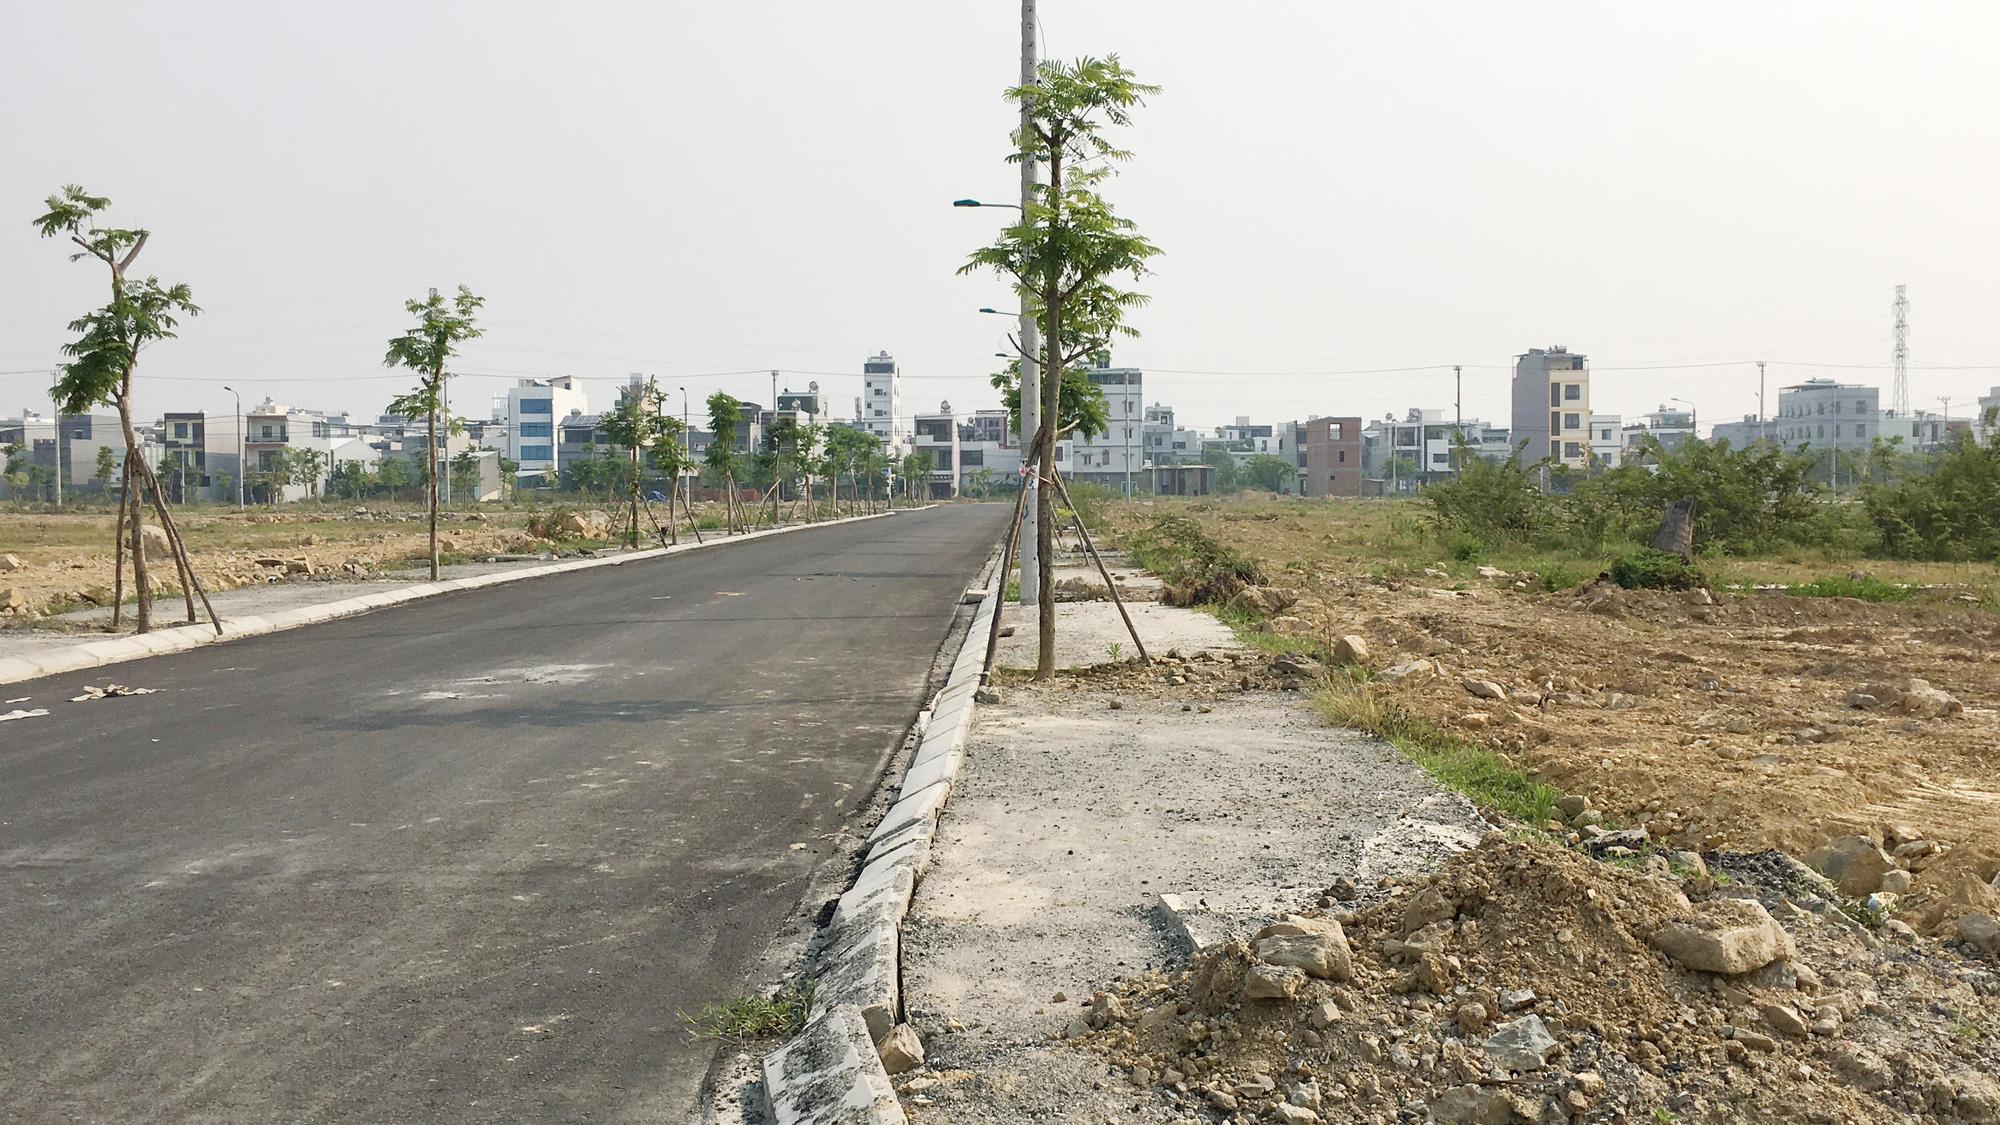 Đà Nẵng có dự án đất nền giao dịch gần 34 triệu đồng/m2 trong quý II - Ảnh 1.